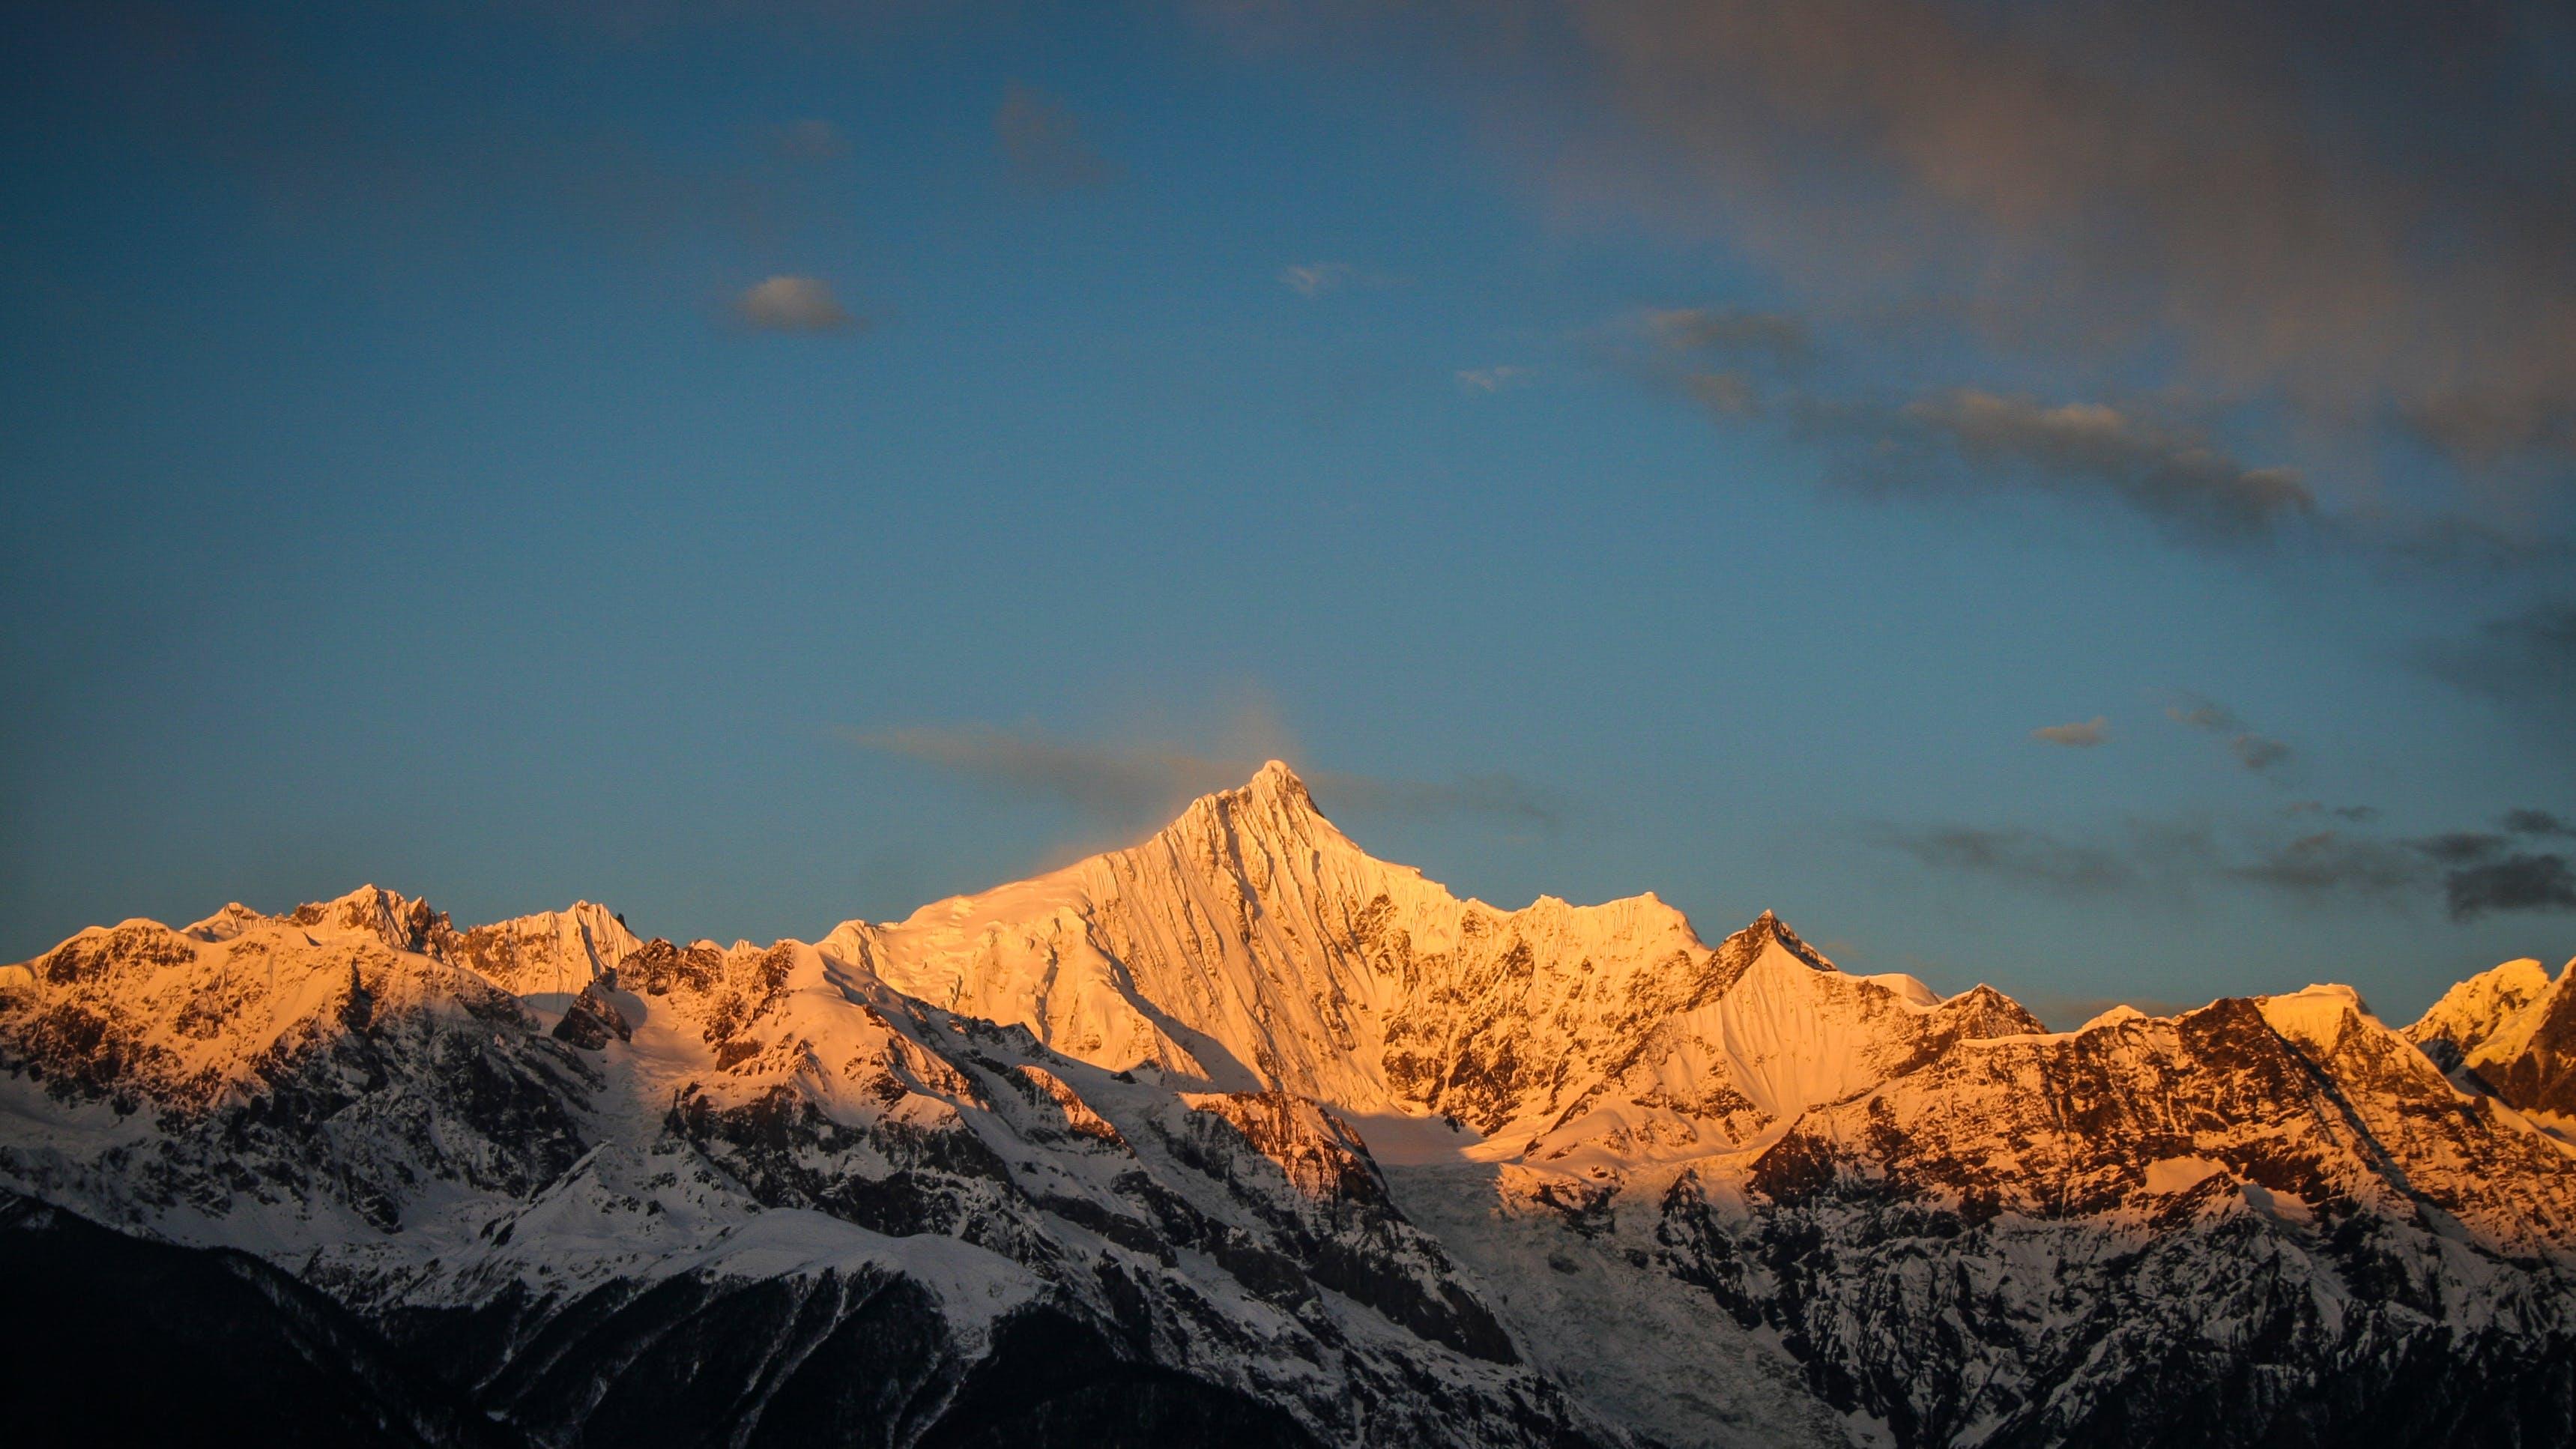 Kostenloses Stock Foto zu abend, berg, dämmerung, eis